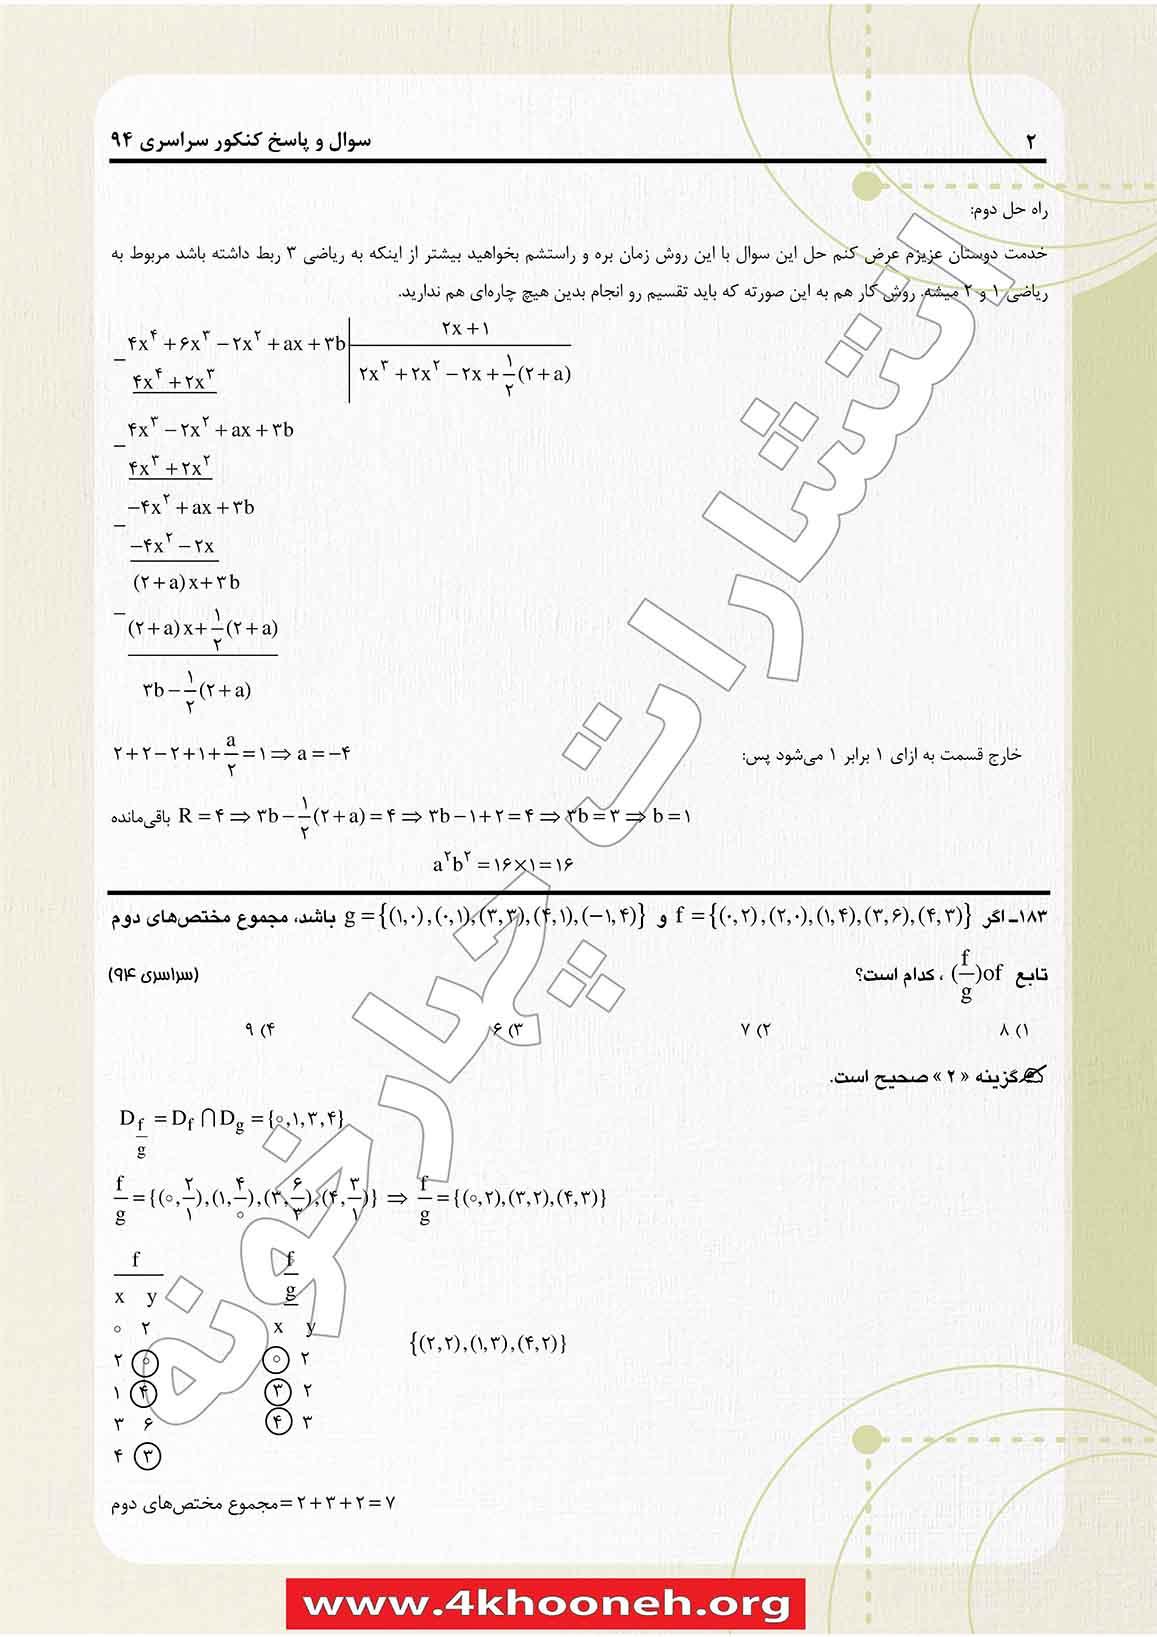 سوالات و پاسخنامه درس ریاضی 3 سال 94